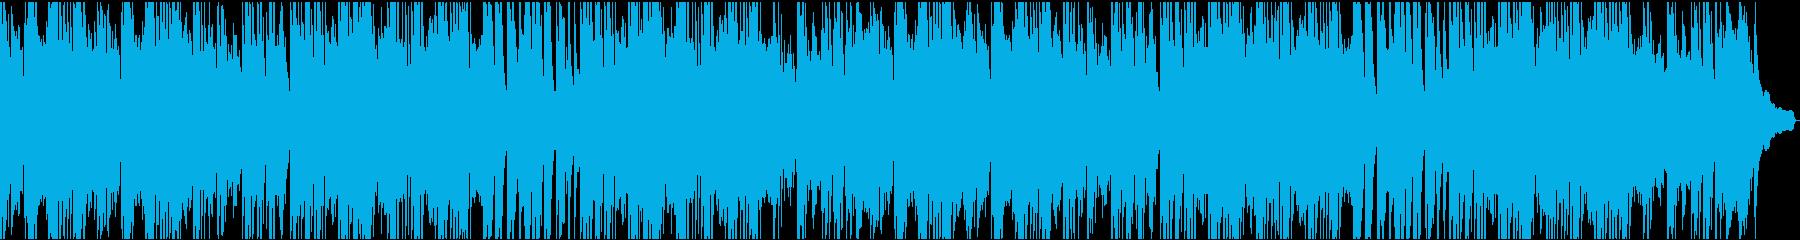 企業VP17 16bit48kHzVerの再生済みの波形